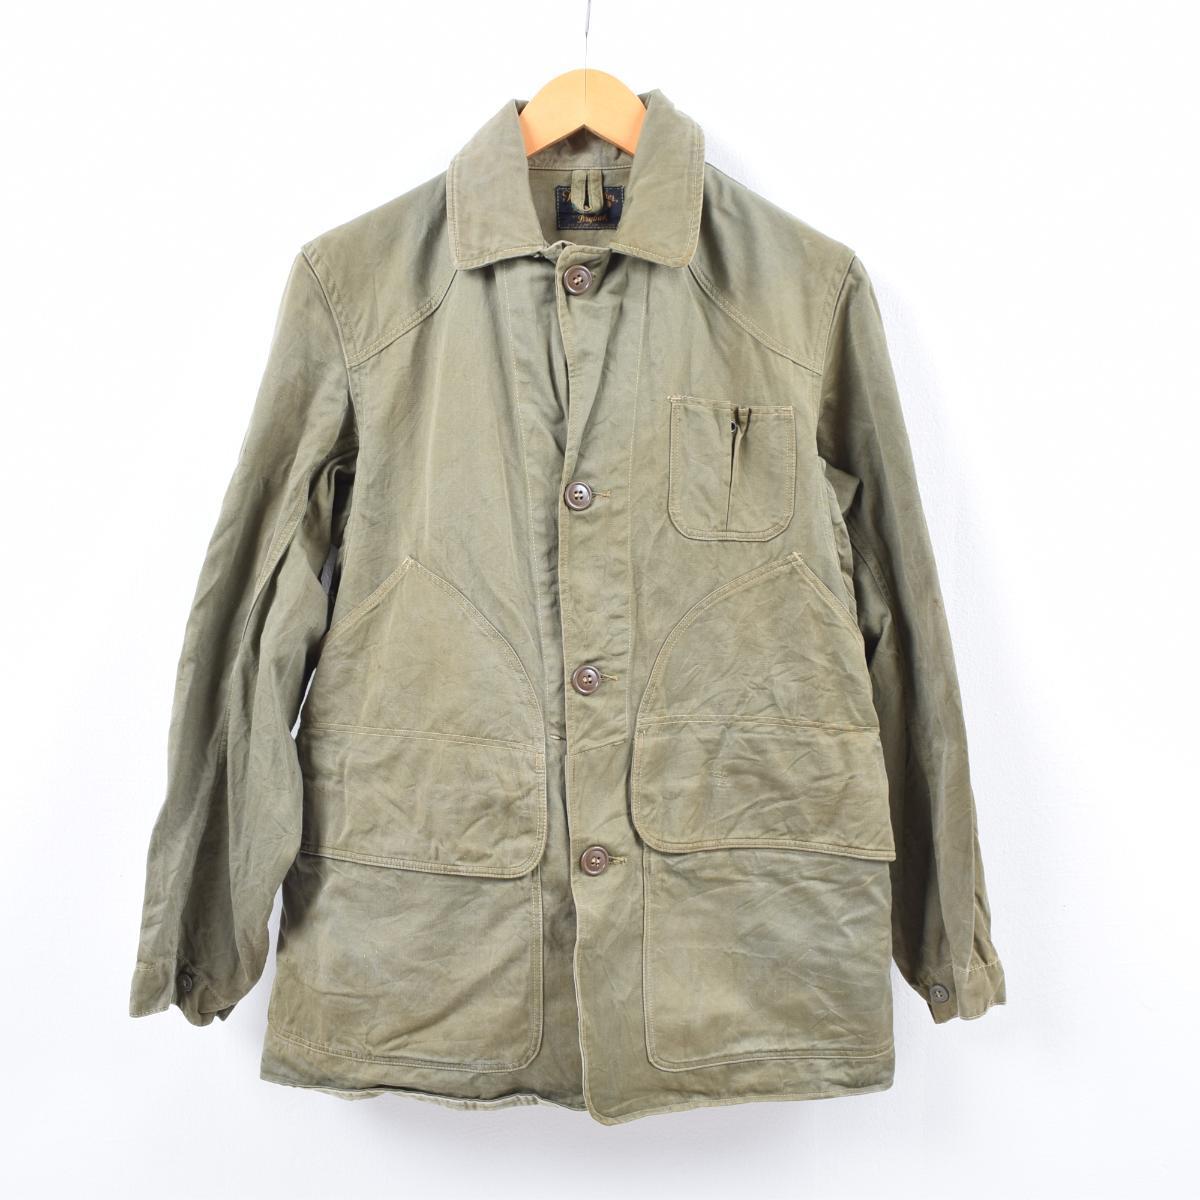 40~50年代 Drybak The Feather ハンティングジャケット メンズS ヴィンテージ /wbi5957 【中古】 【190919】【VTG】【VTG】【SS2003】